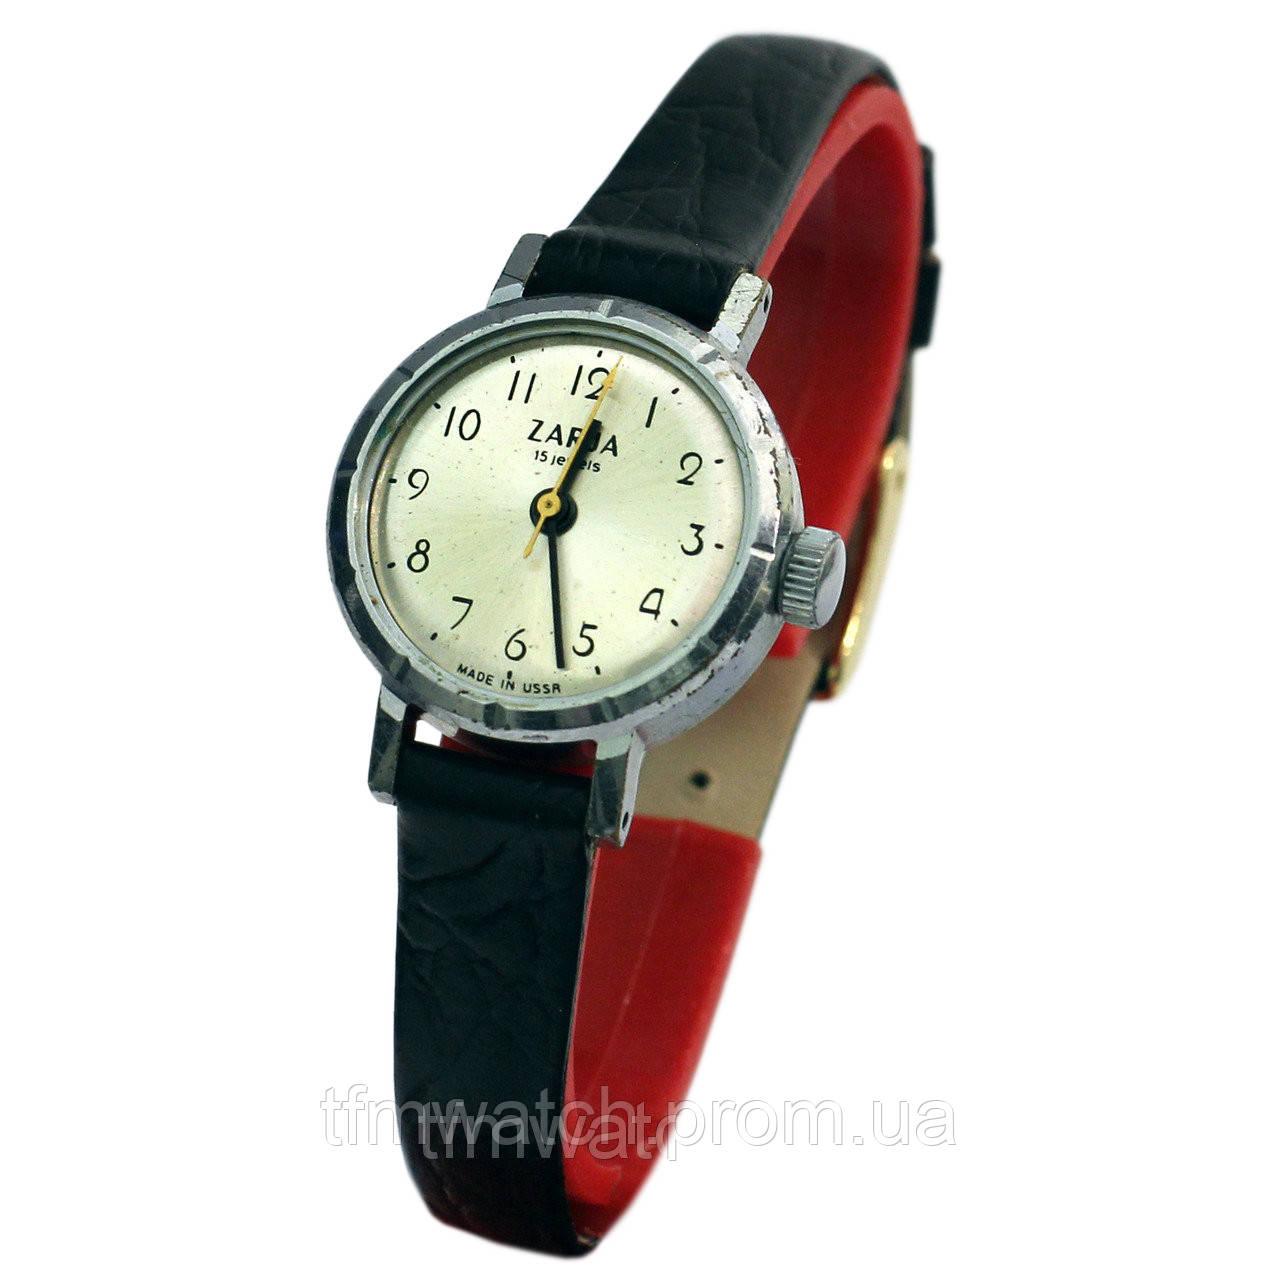 Заря продать часы стоимость часы петергоф парк работы